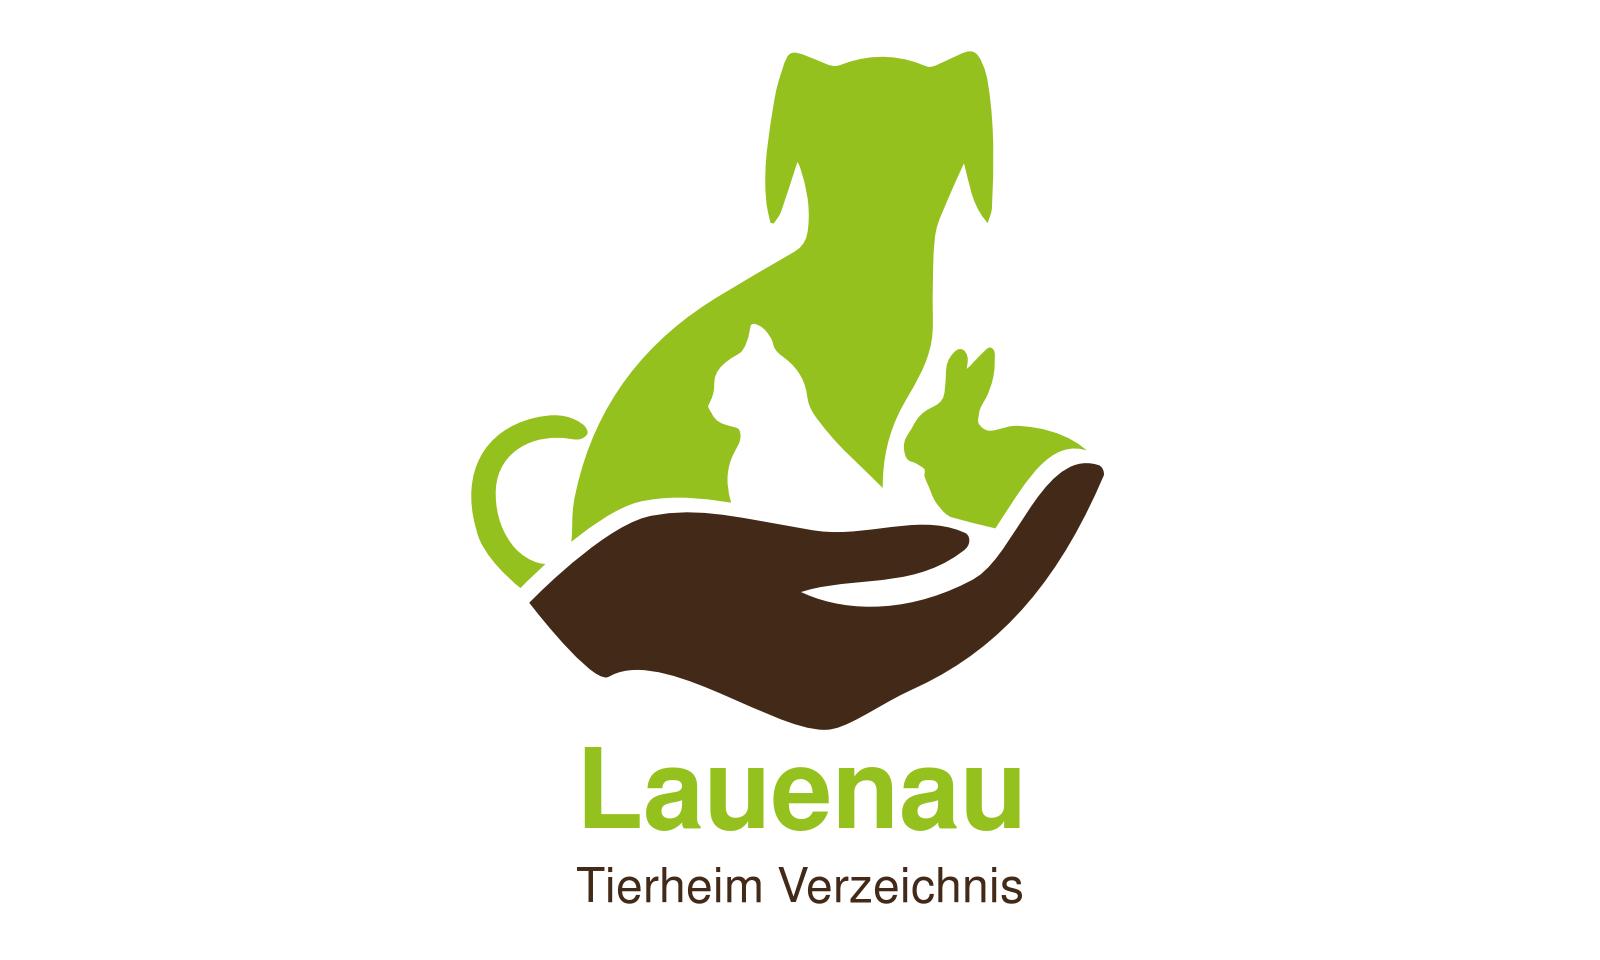 Tierheim Lauenau